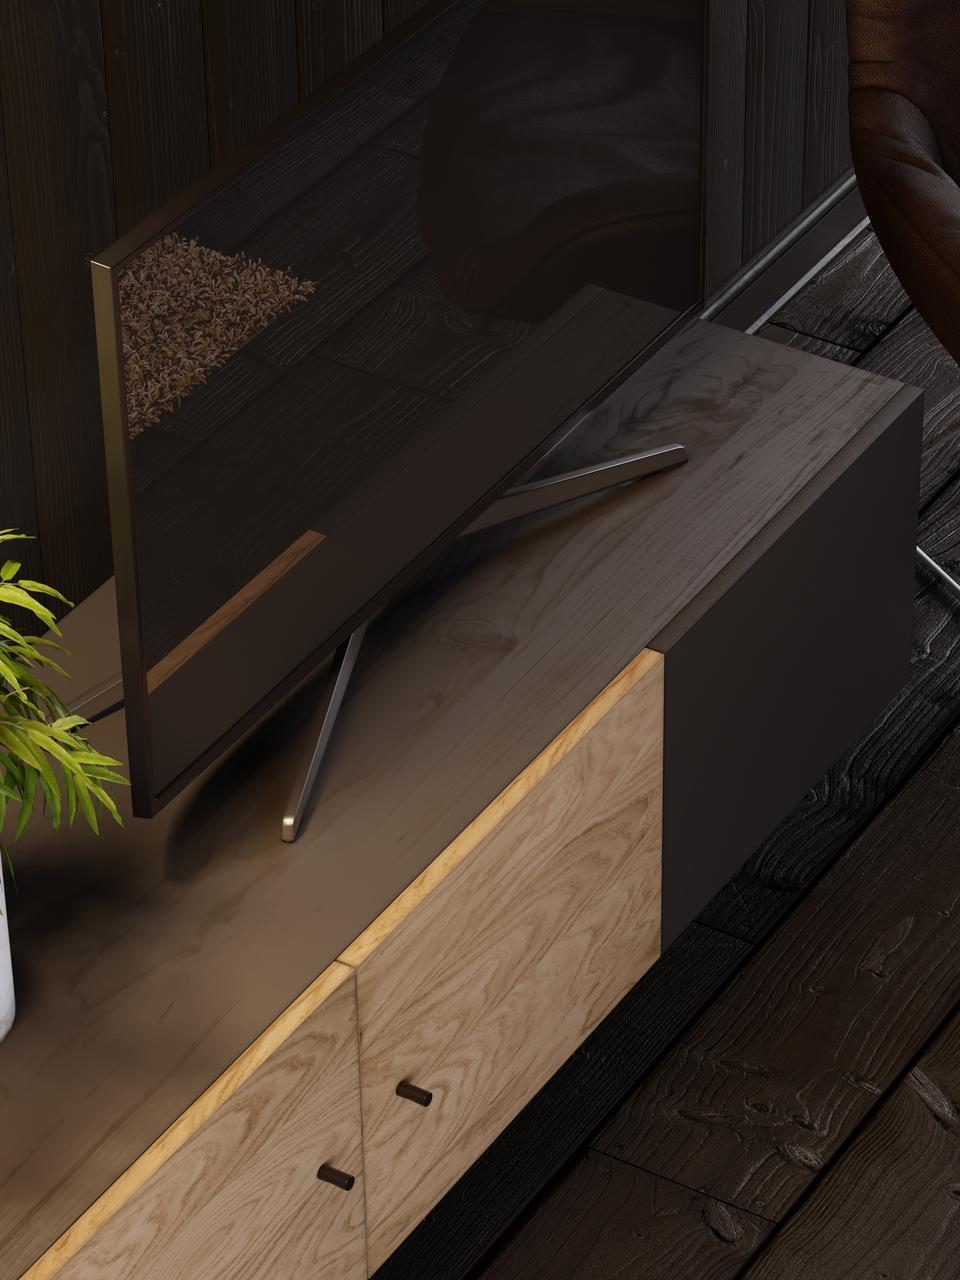 TV-Konsole Youth mit Eichenholzfurnier mit Türen, Korpus: Spanplatte, Eichenholzfur, Füße: Metall, pulverbeschichtet, Griffe: Metall, pulverbeschichtet, Korpus: Eiche, Schwarz gebeizt<br>Fronten: Eiche, Schwarz, 150 x 52 cm